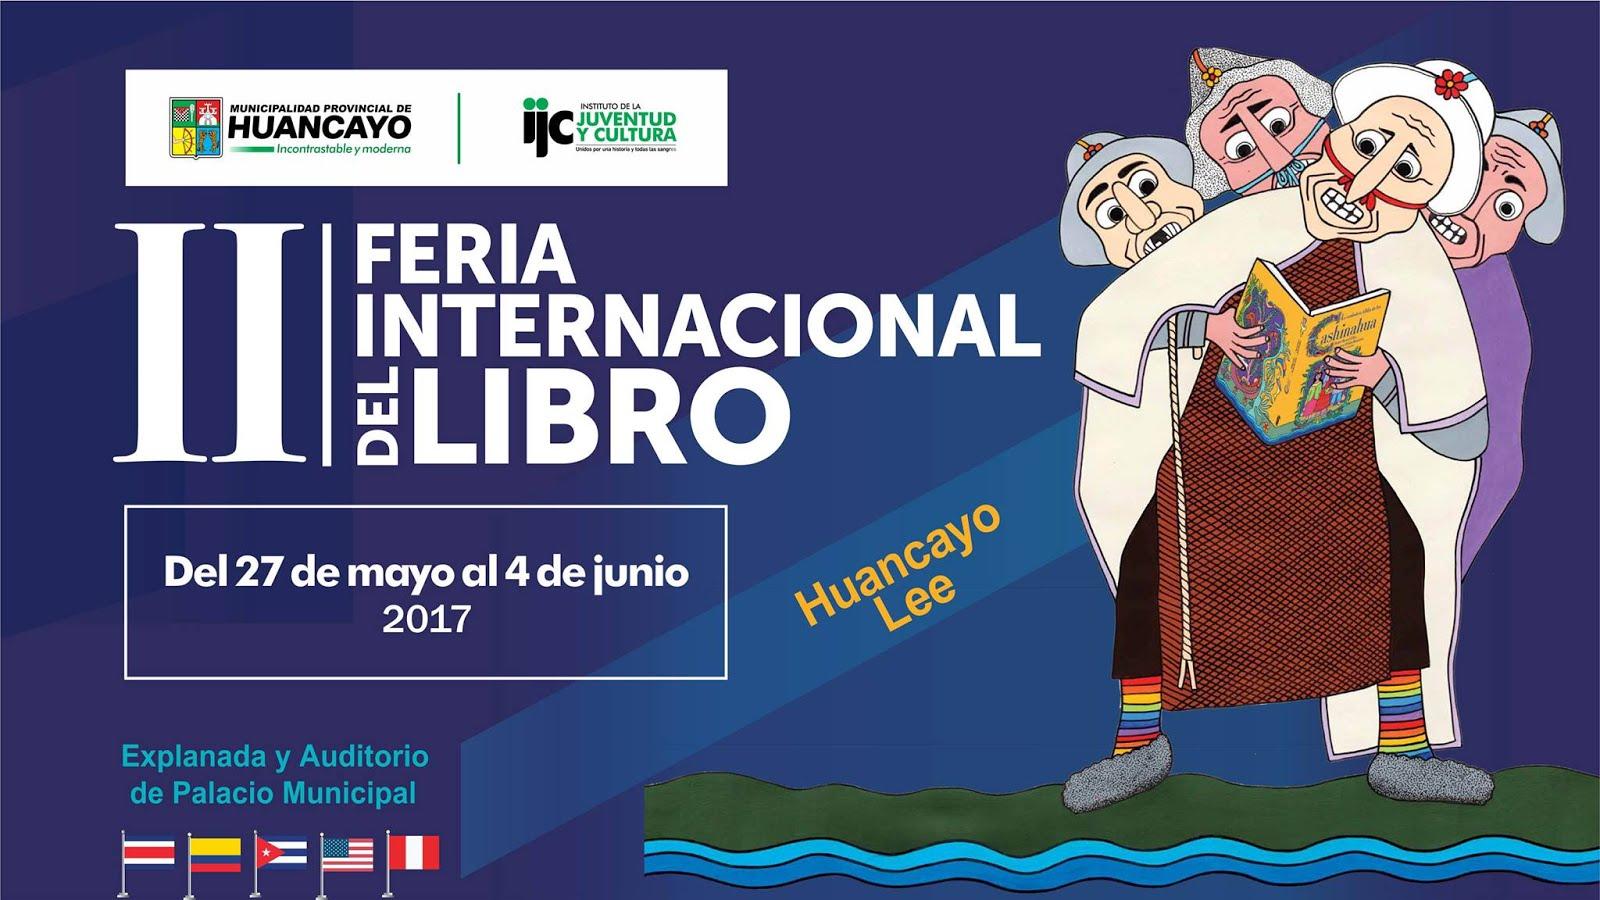 En II Feria Internacional del Libro de Huancayo (27 mayo - 4 junio 2017)